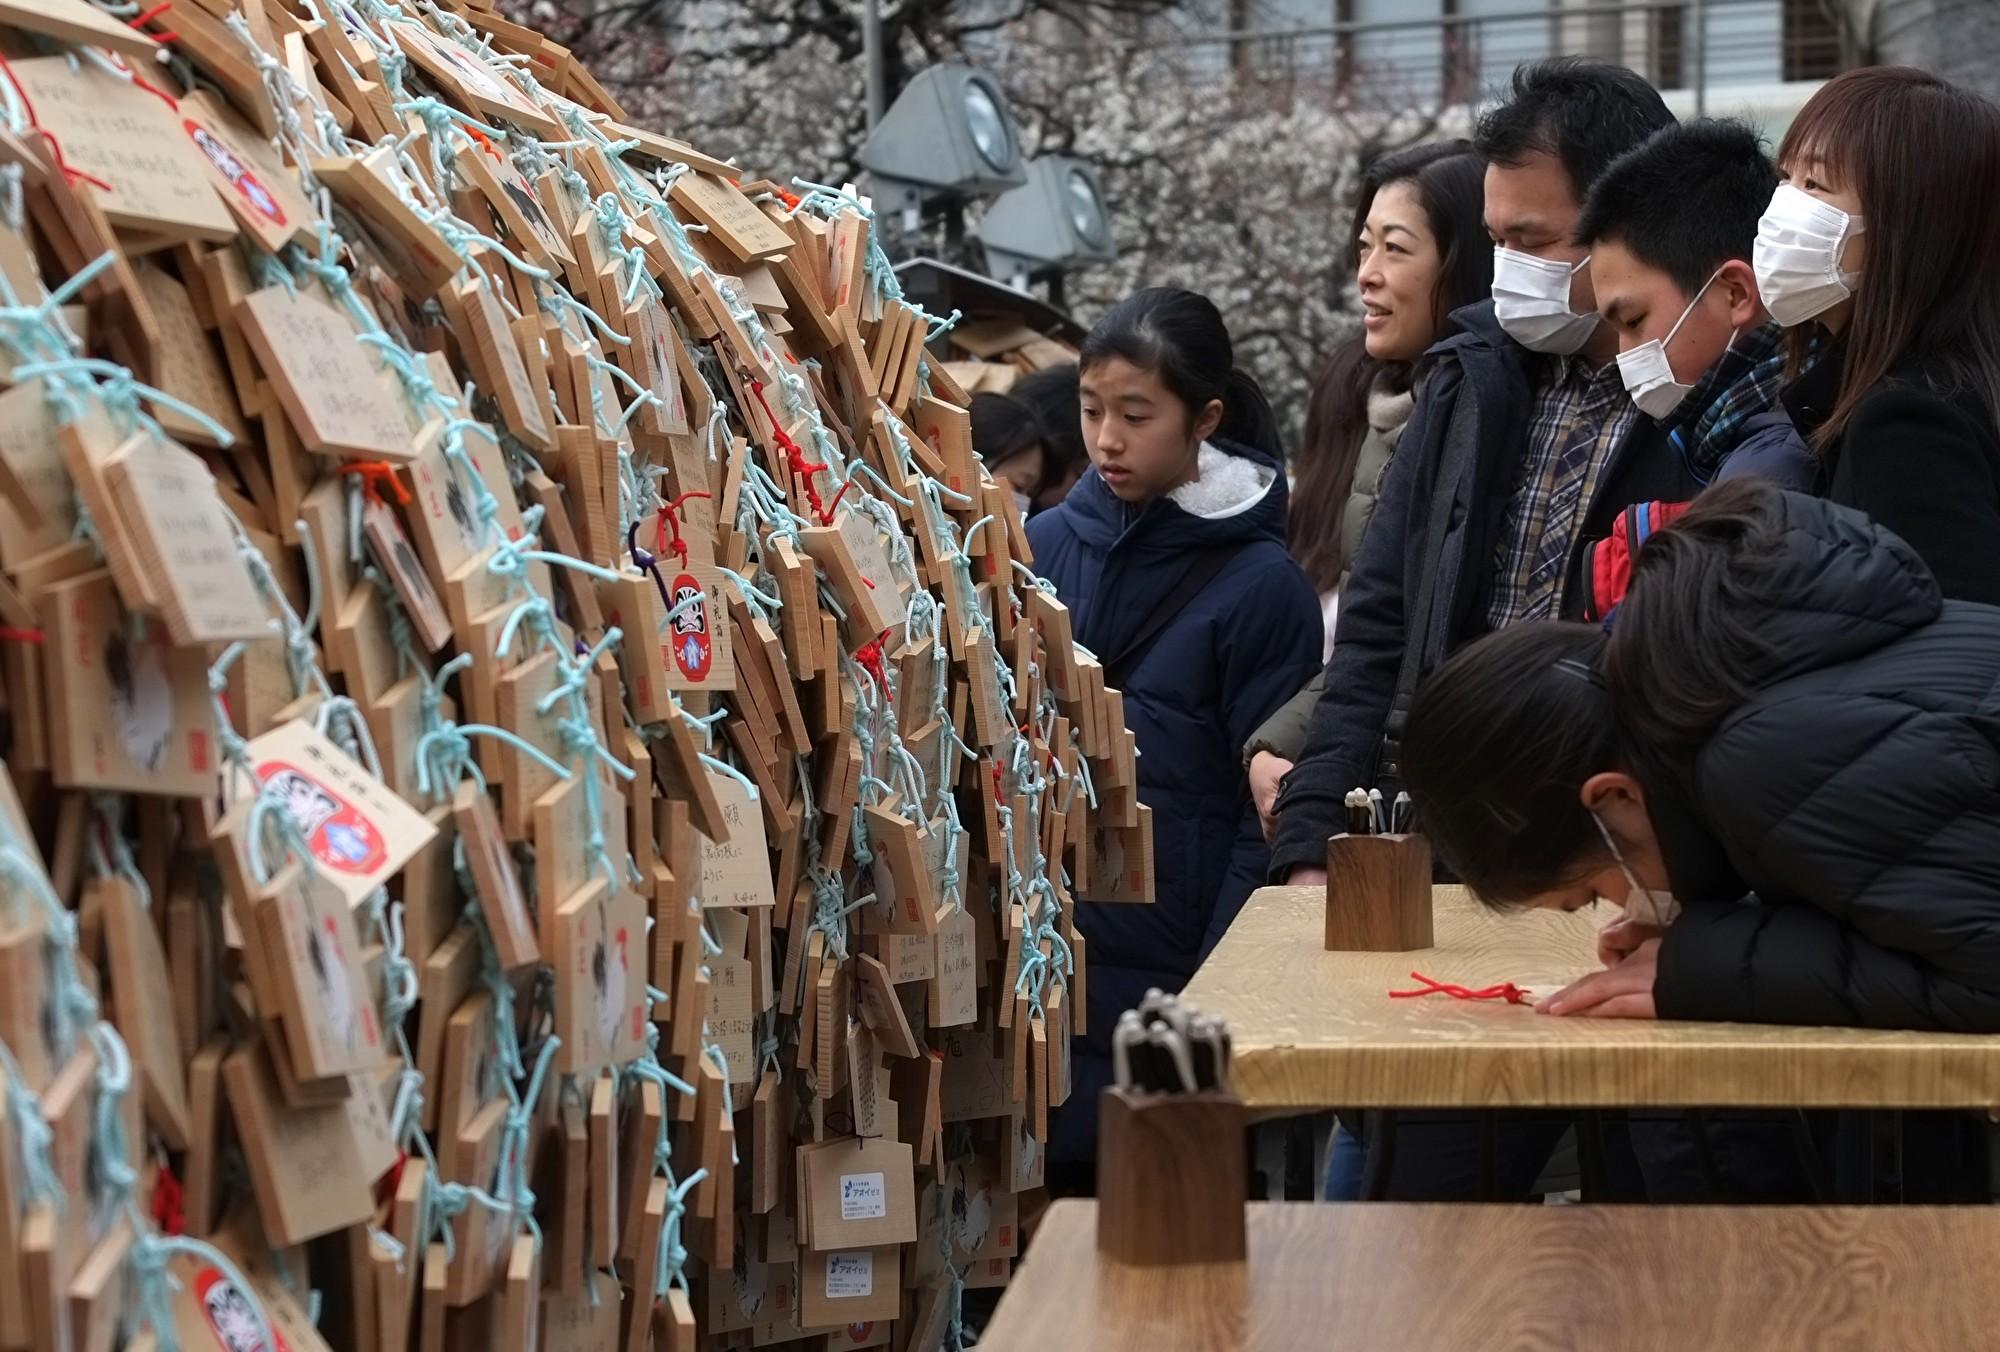 日本寺院內為香港祈福的繪馬 多遭塗污破壞